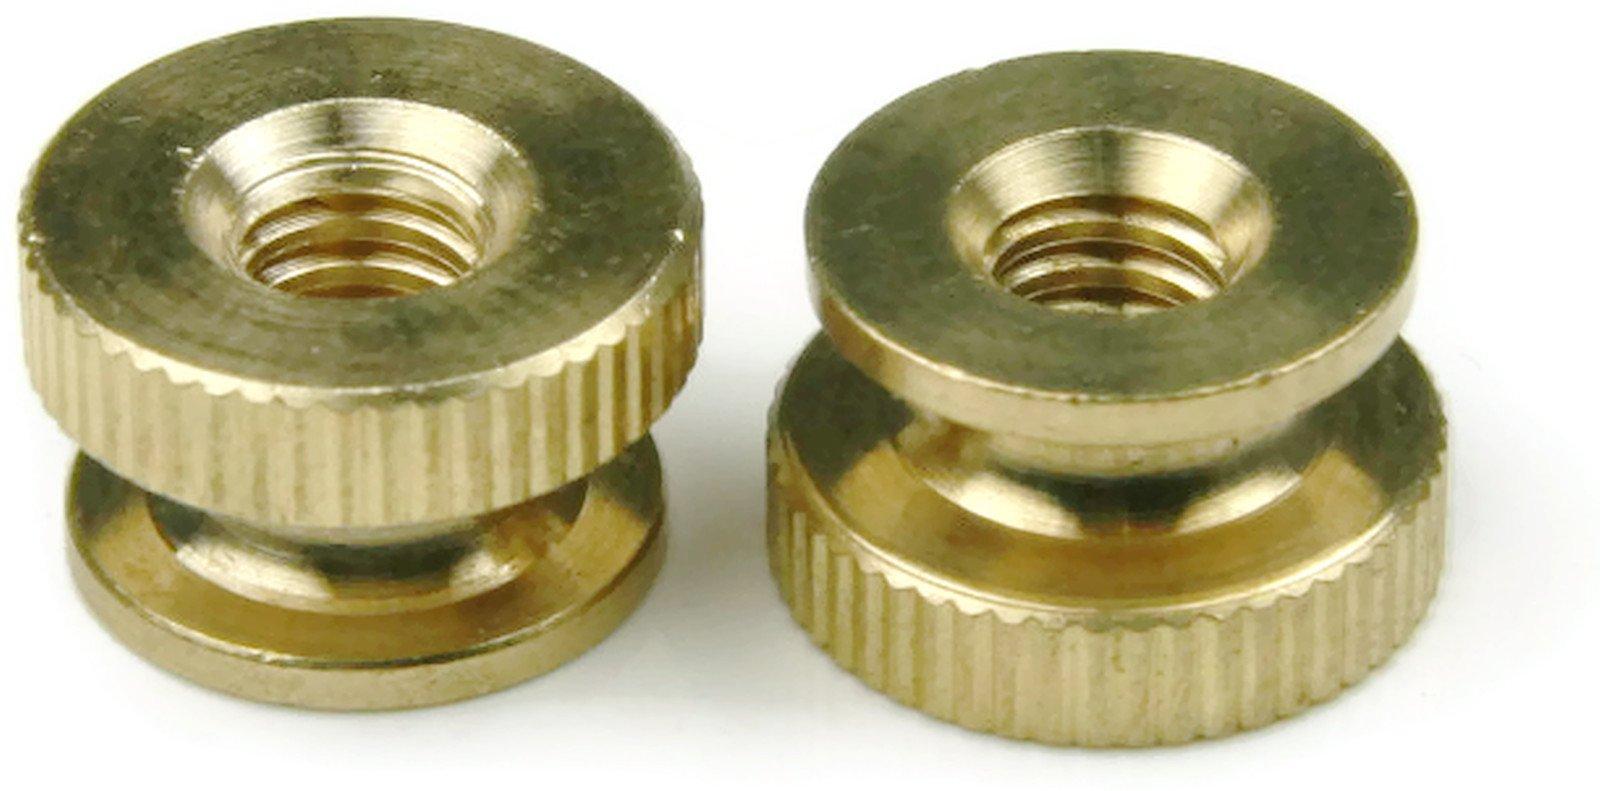 Knurled Thumb Nut Brass - 8/32 (7/16 Dia x 5/16 Thick) Qty-100